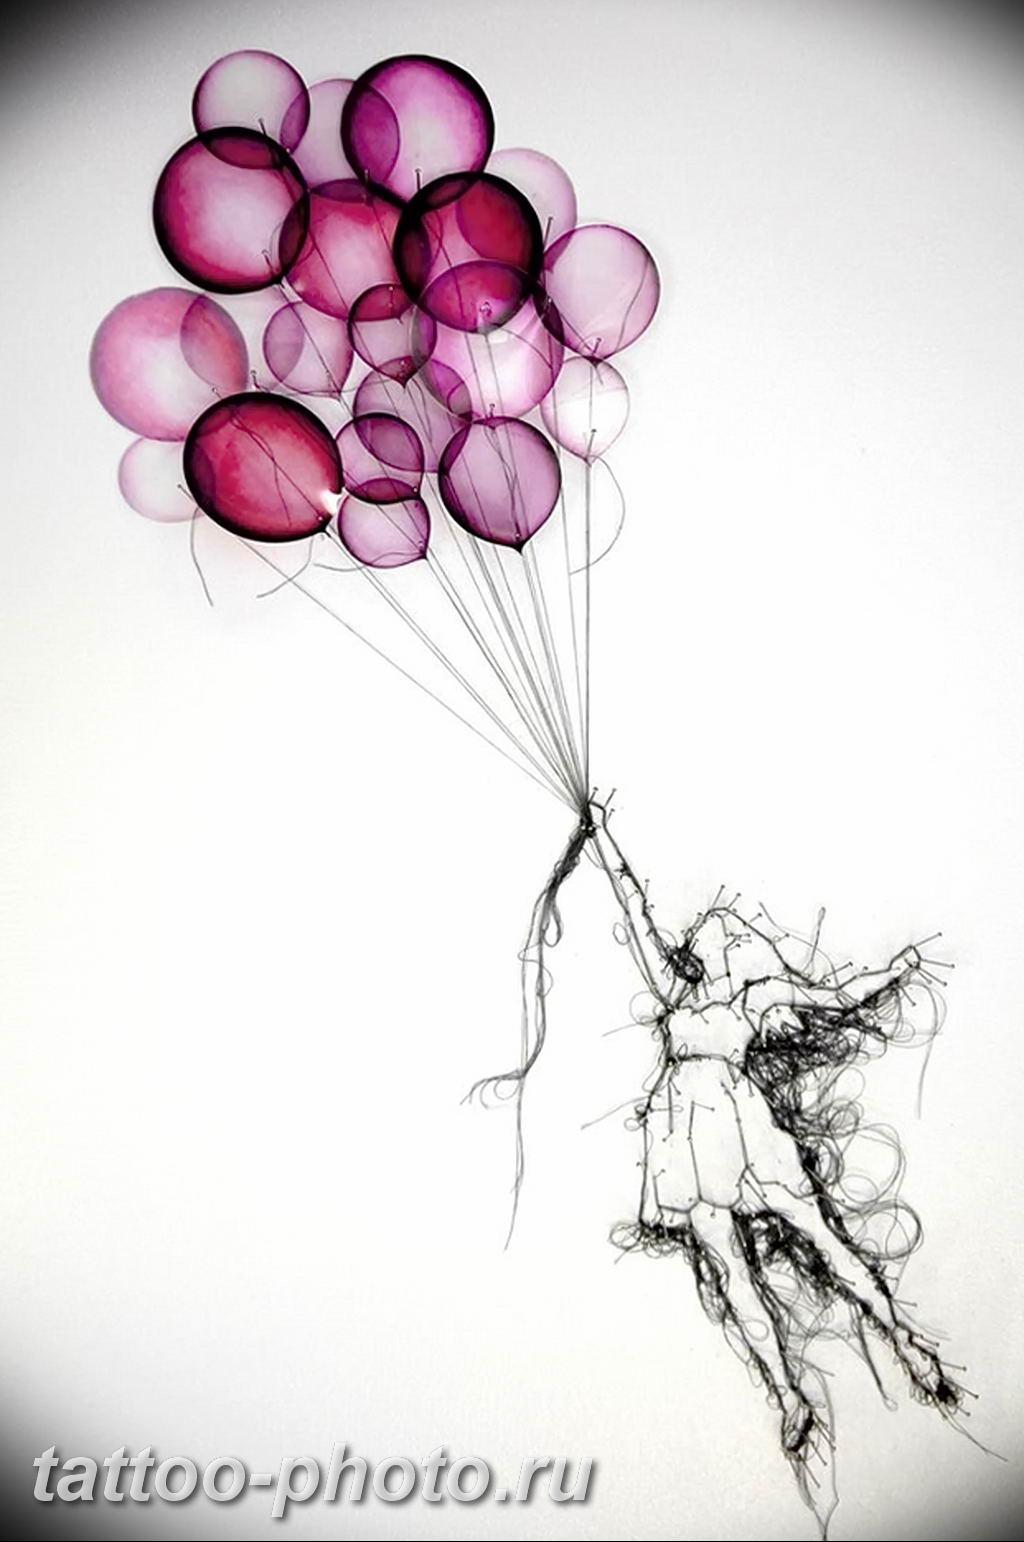 является картинки тату с воздушными шариками размера плюс